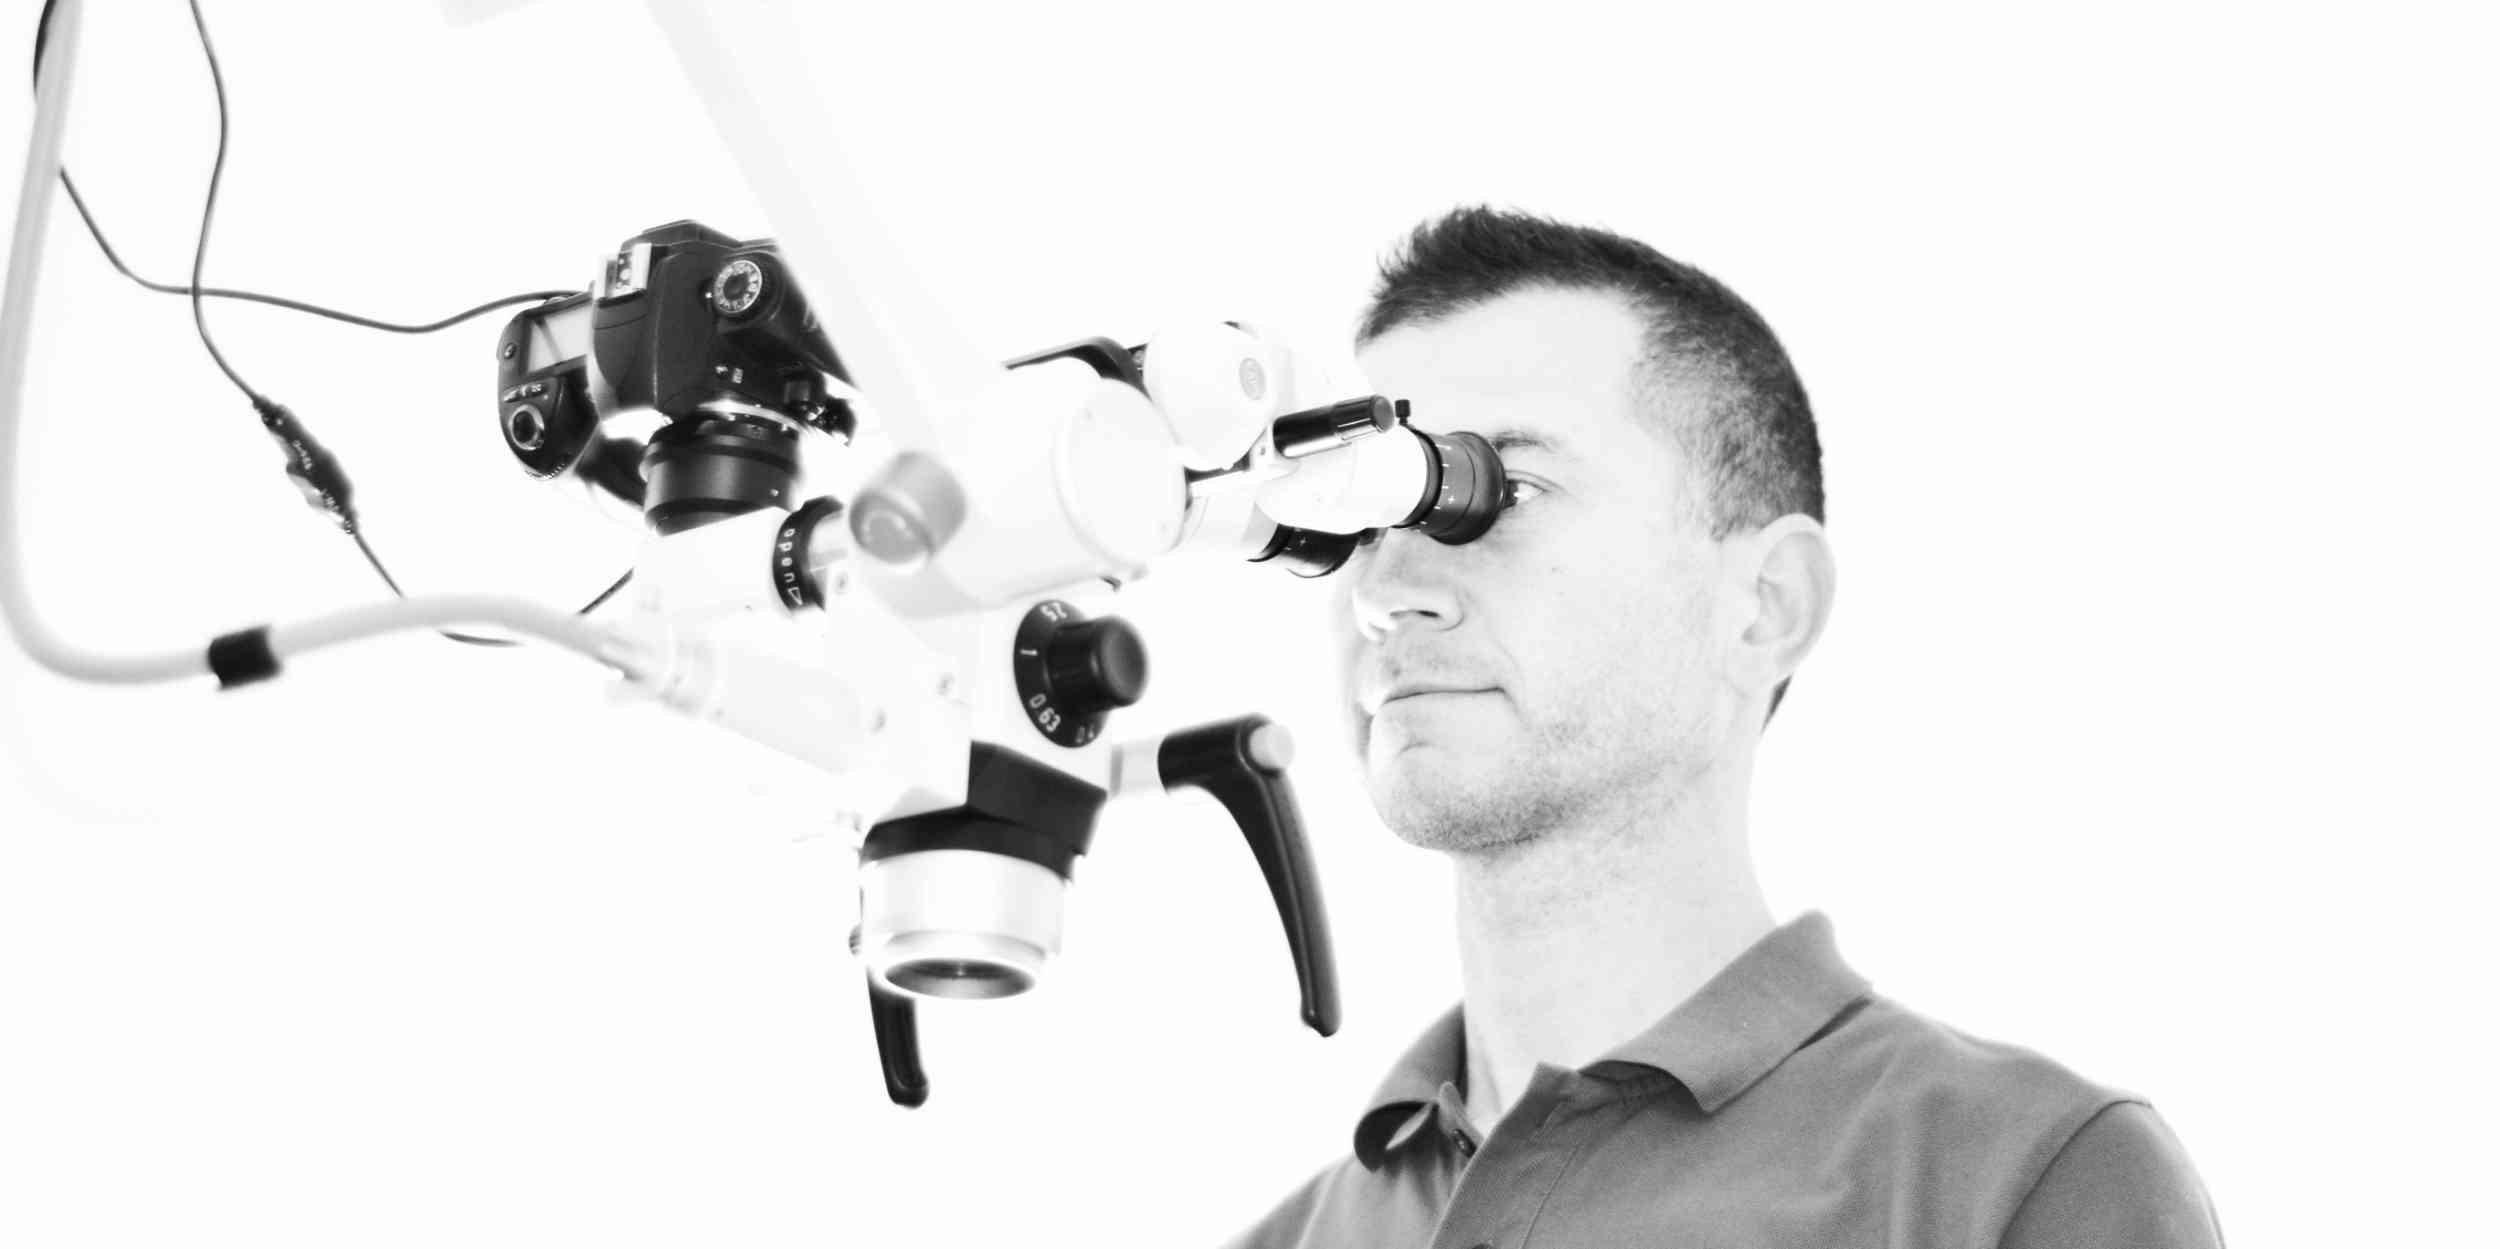 Zahnarzt Neudecker am Operationsmikroskop bei der Wurzelbehandlung